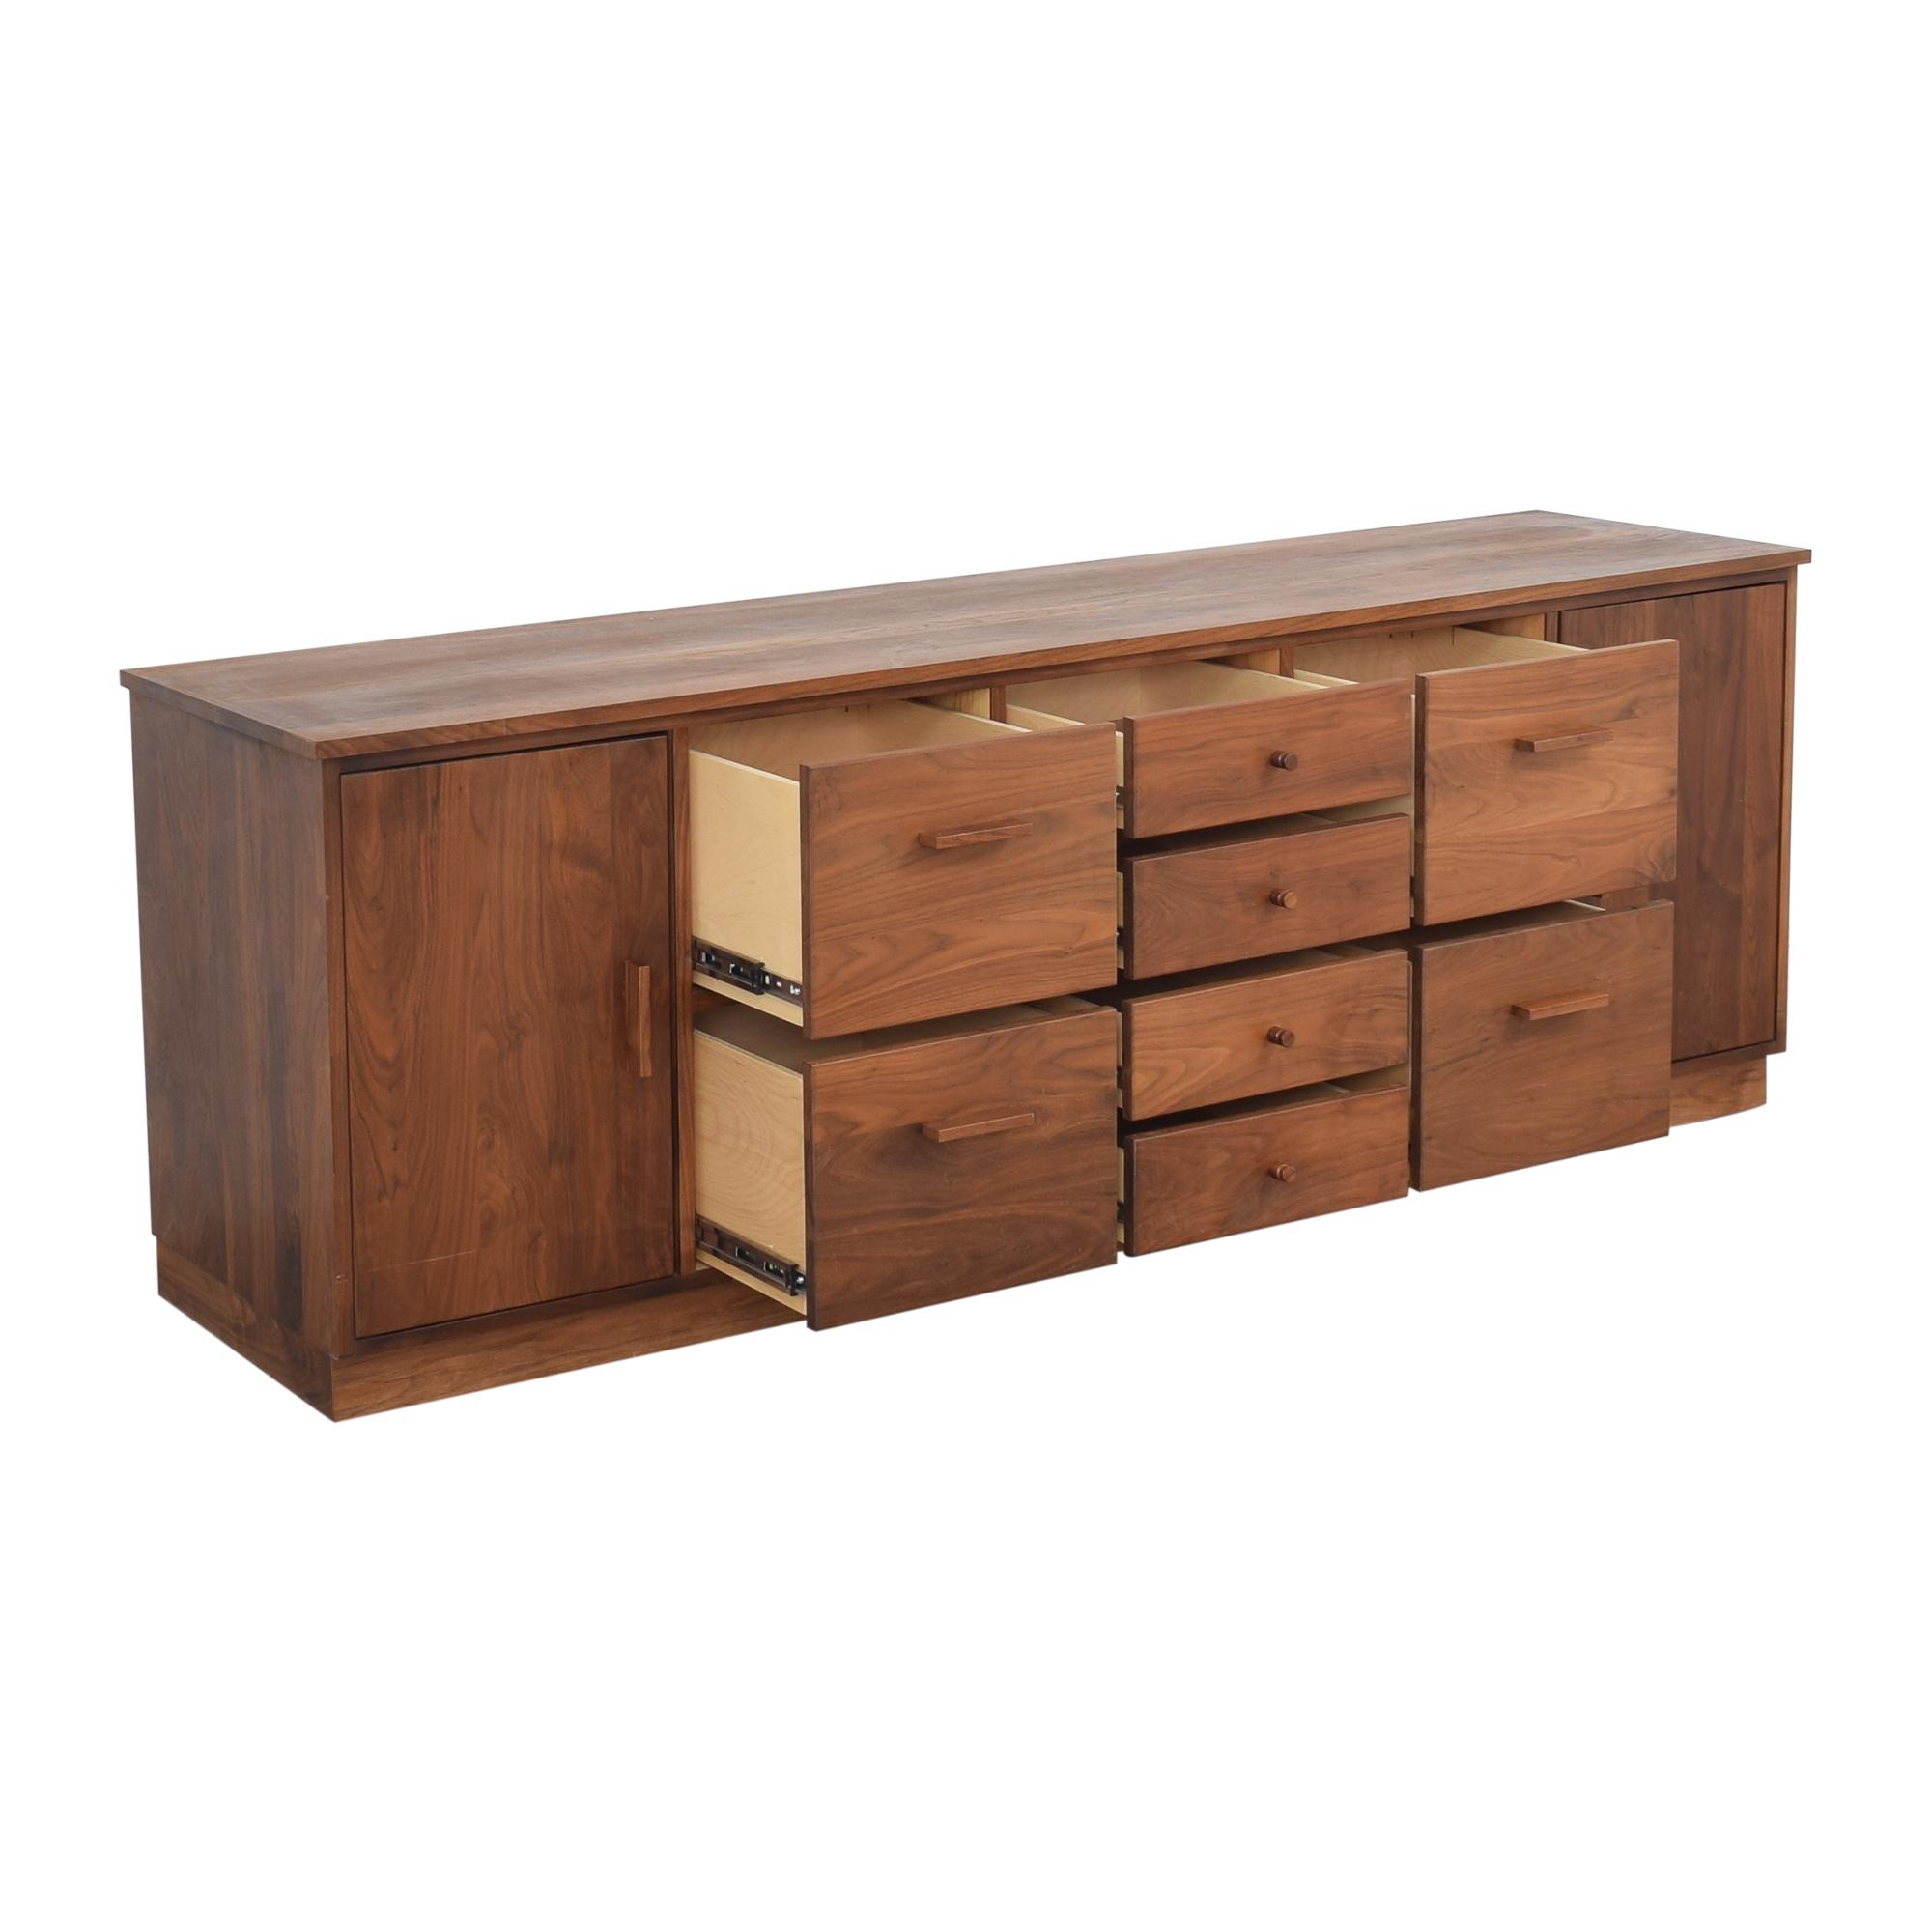 Room & Board Linear File Cabinet Credenza Room & Board